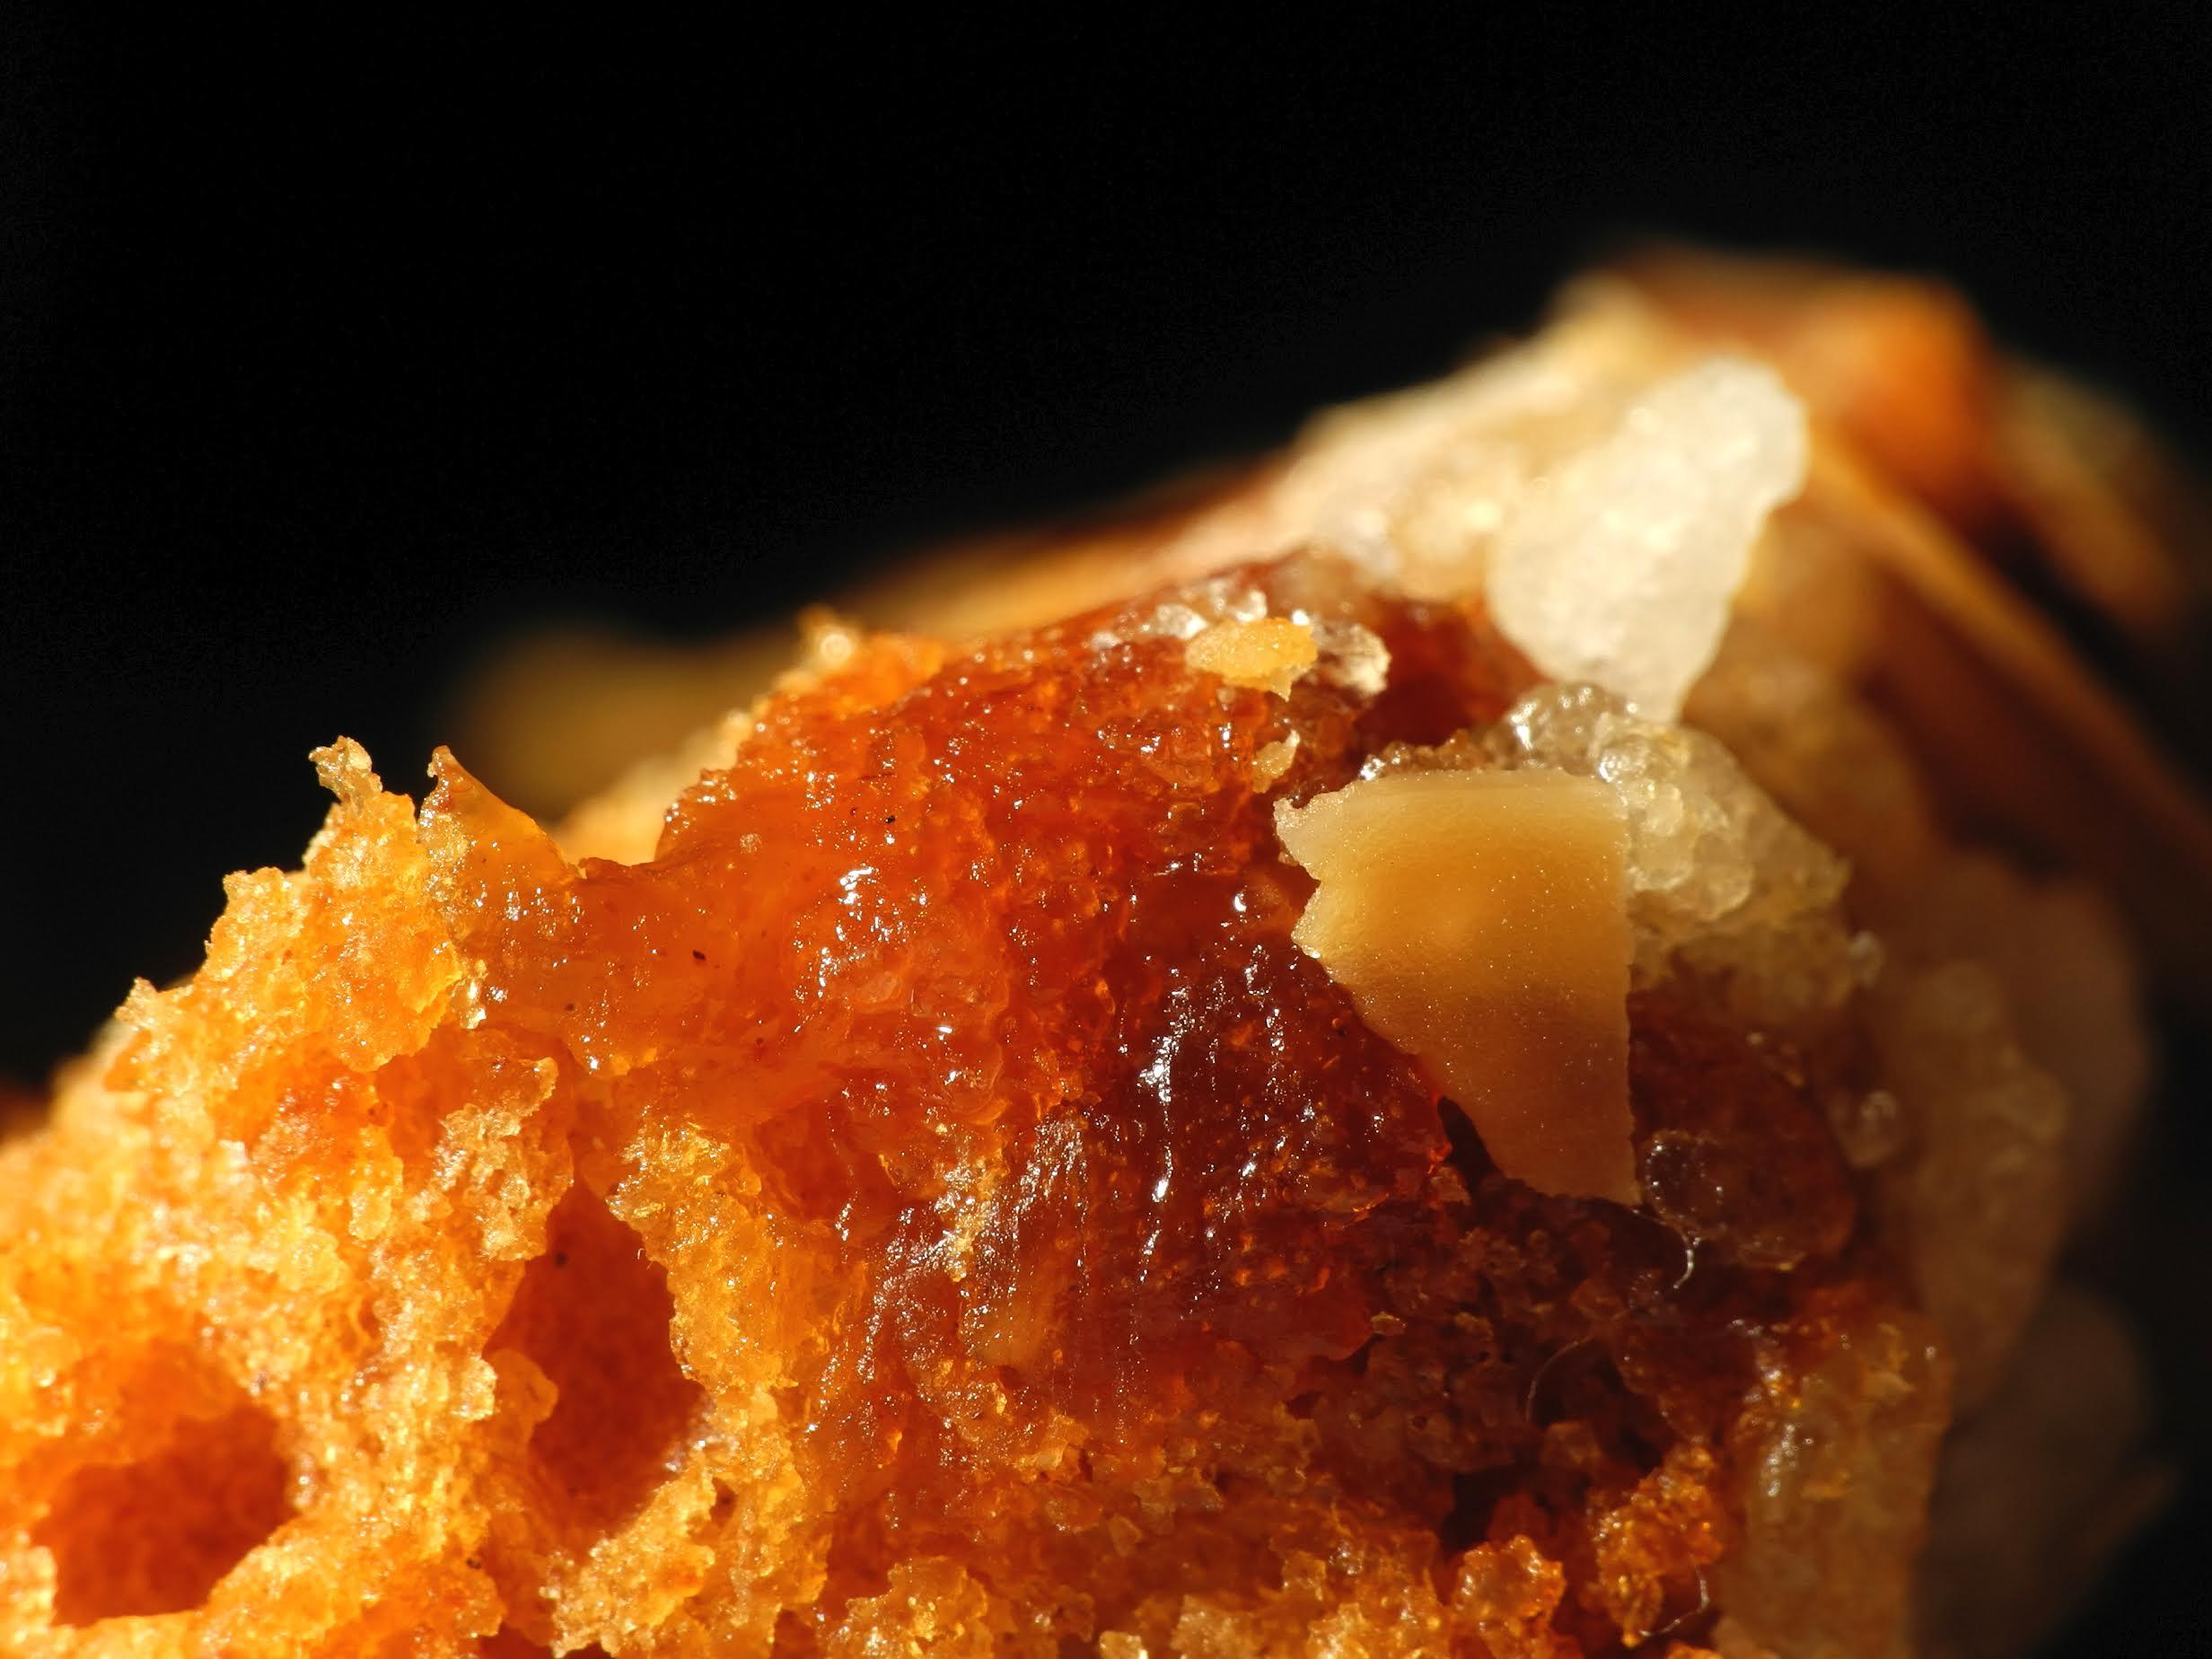 Pain d'épices.Image prise avec la bonnette Raynox DCR-250.